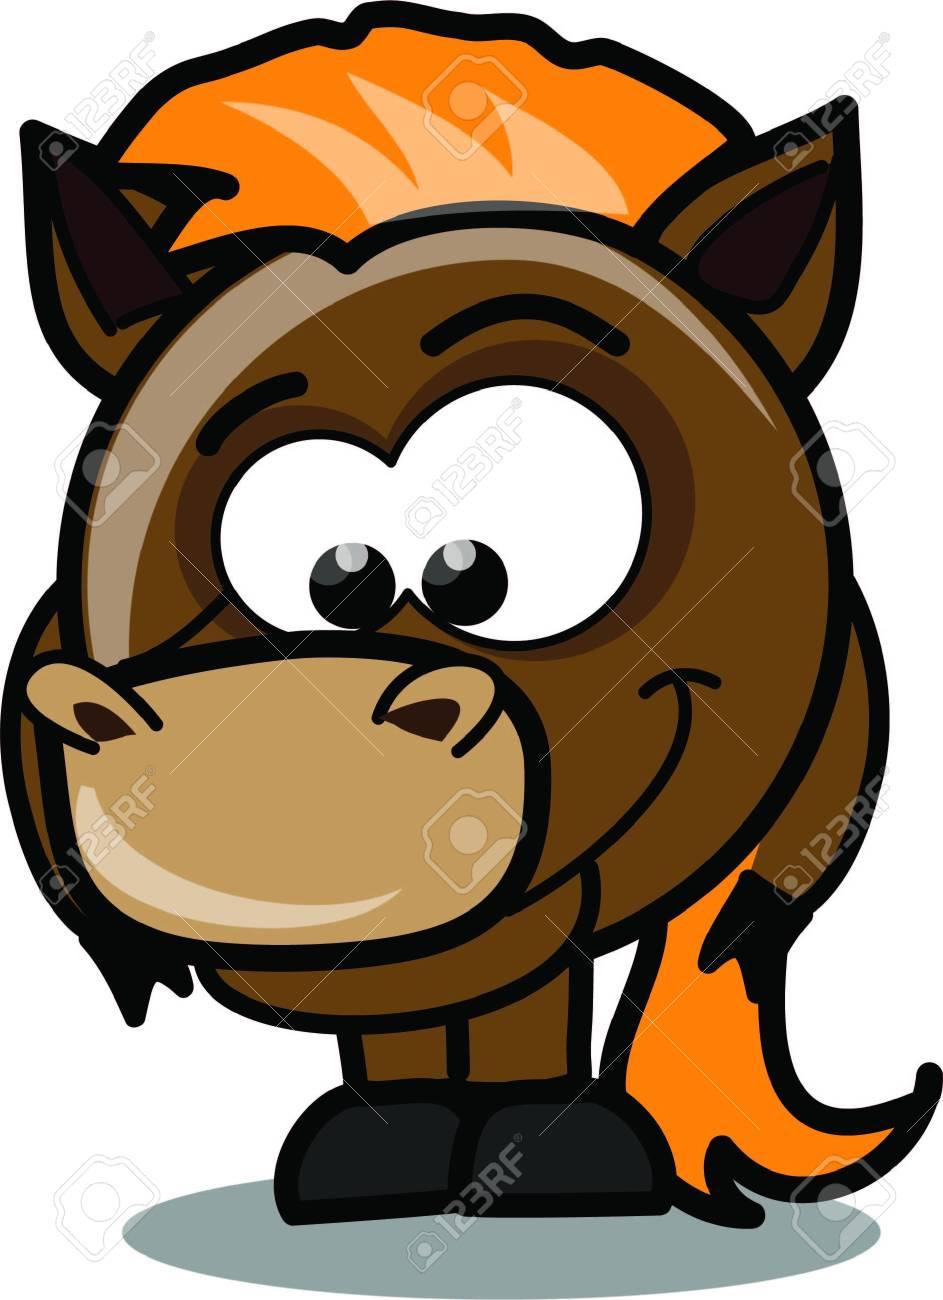 Cartoon horse Stock Vector - 15099393